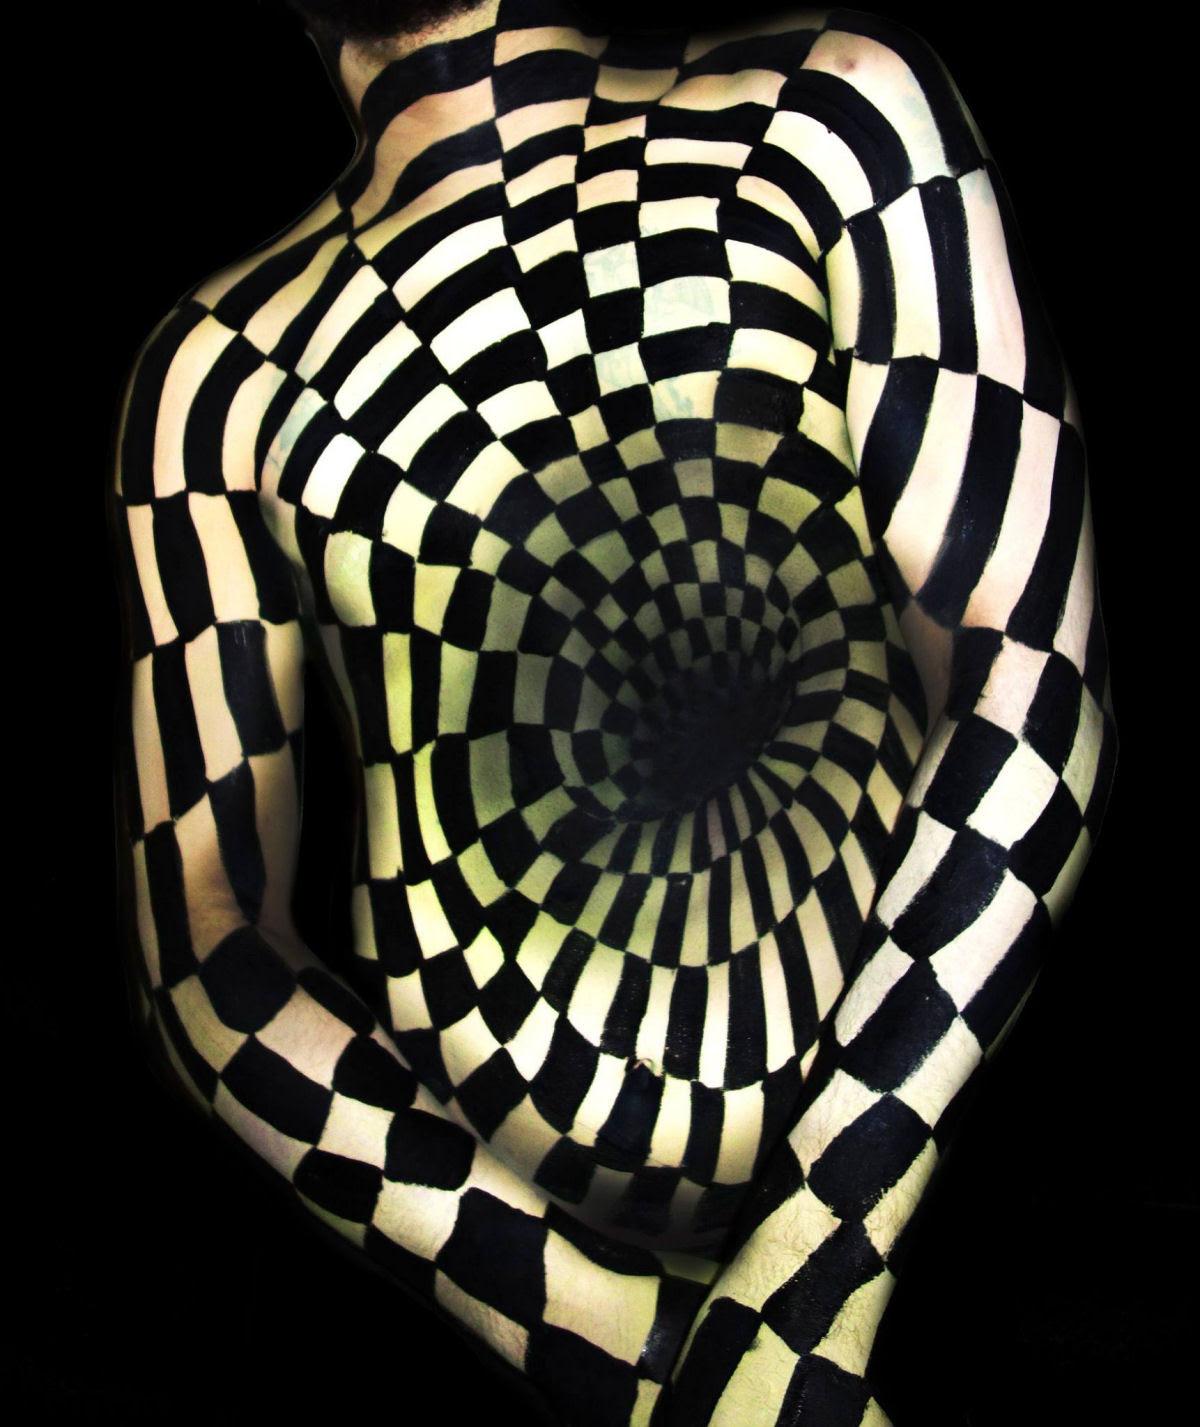 Artista transforma corpos humanos em incompreensíveis ilusões de óptica 02